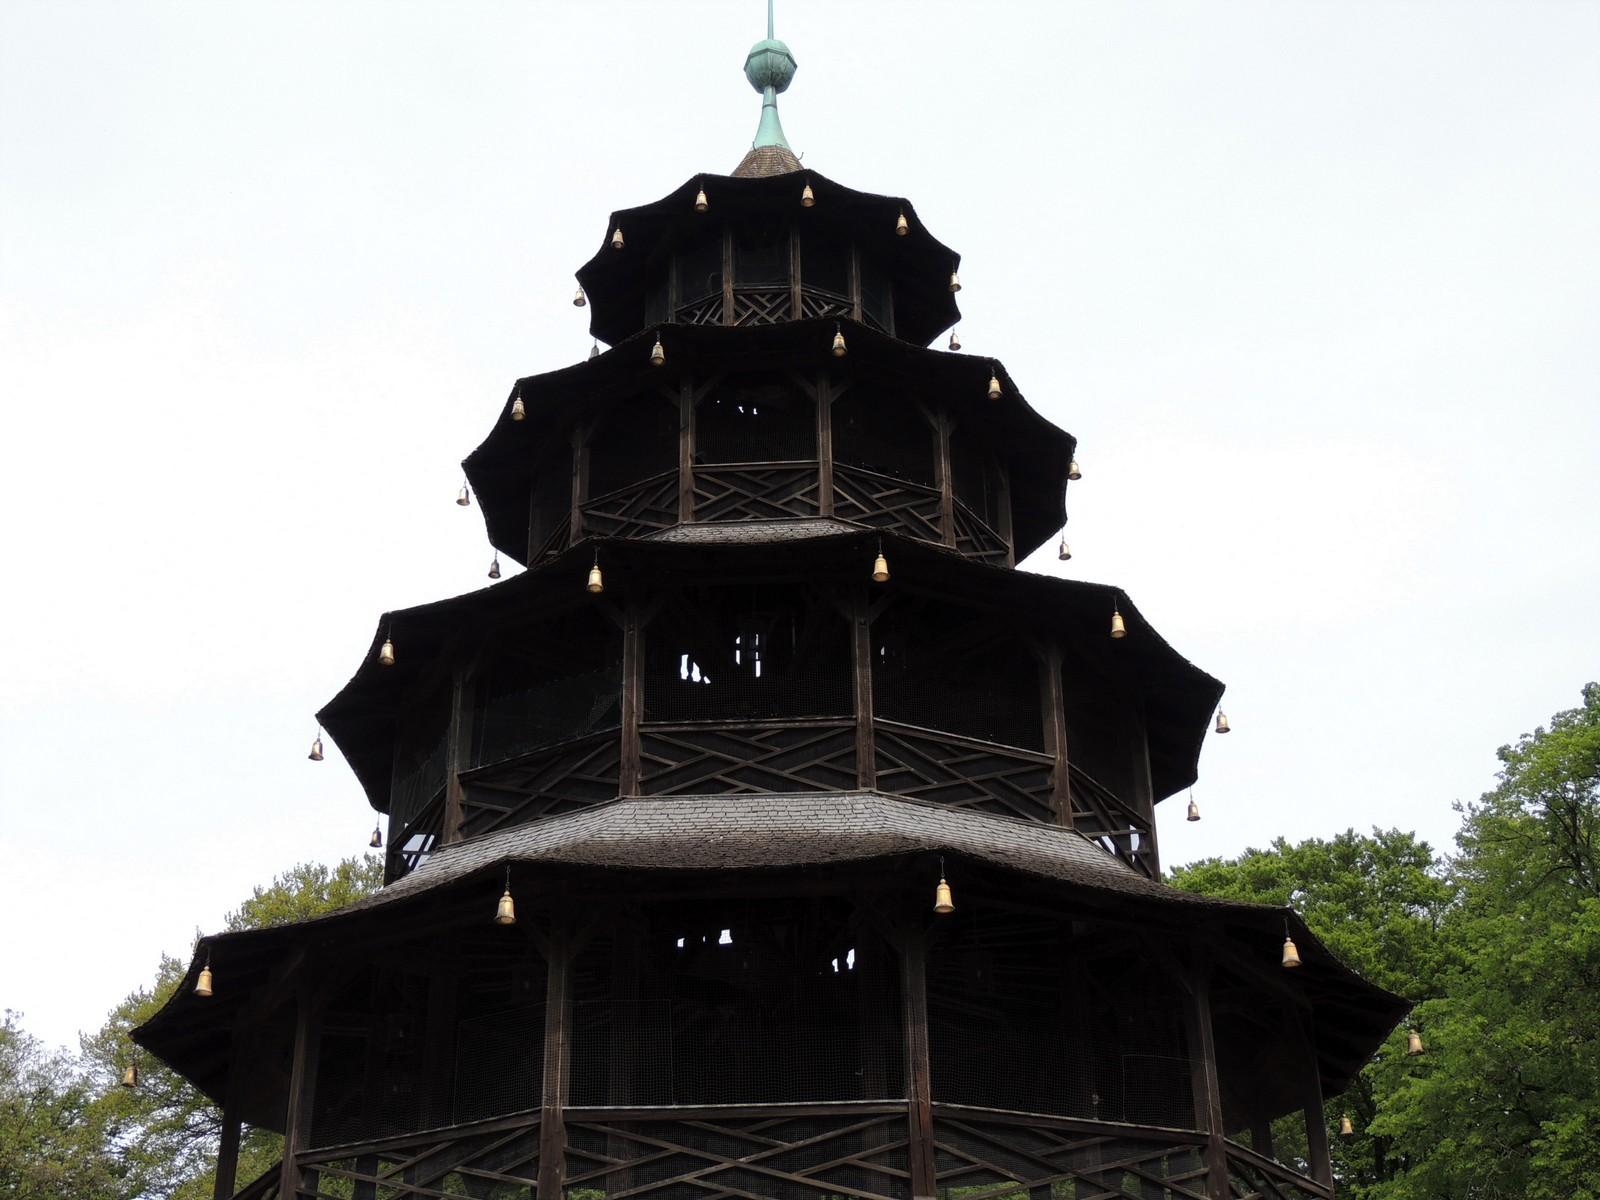 Der Englische Garten - Chinesischer Turm